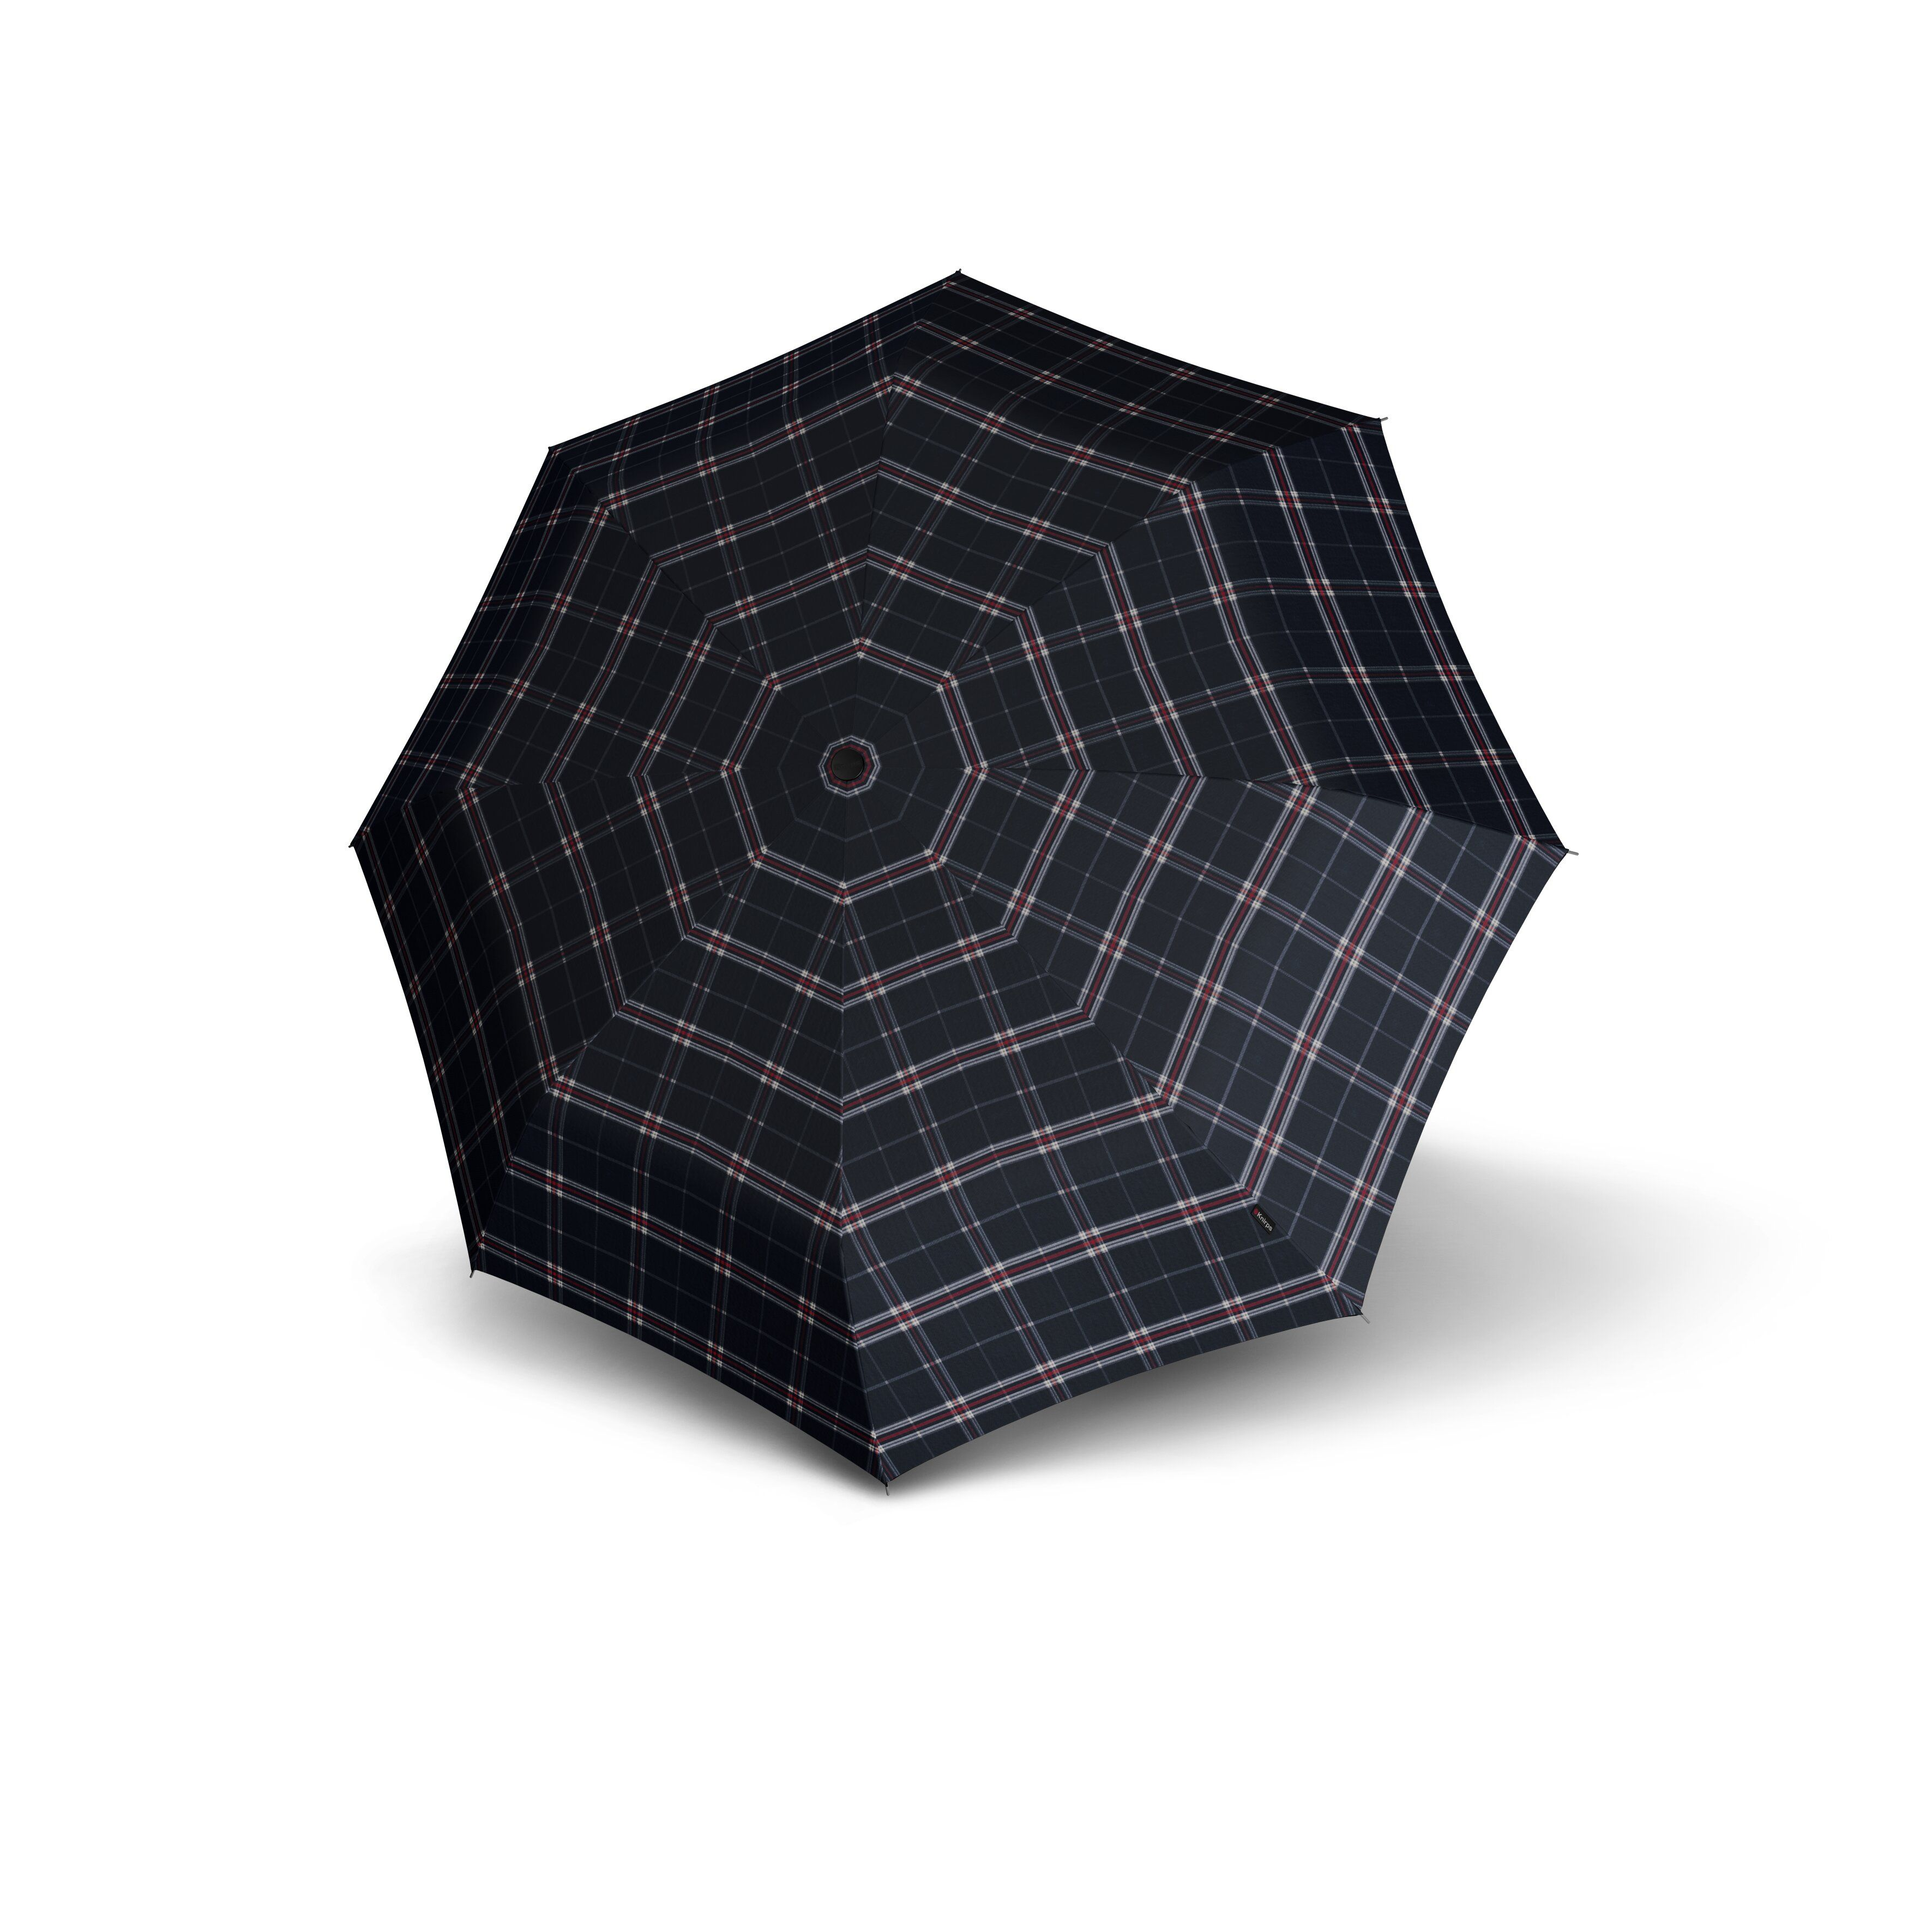 Knirps Umbrella T.200 medium duomatic - foto 2